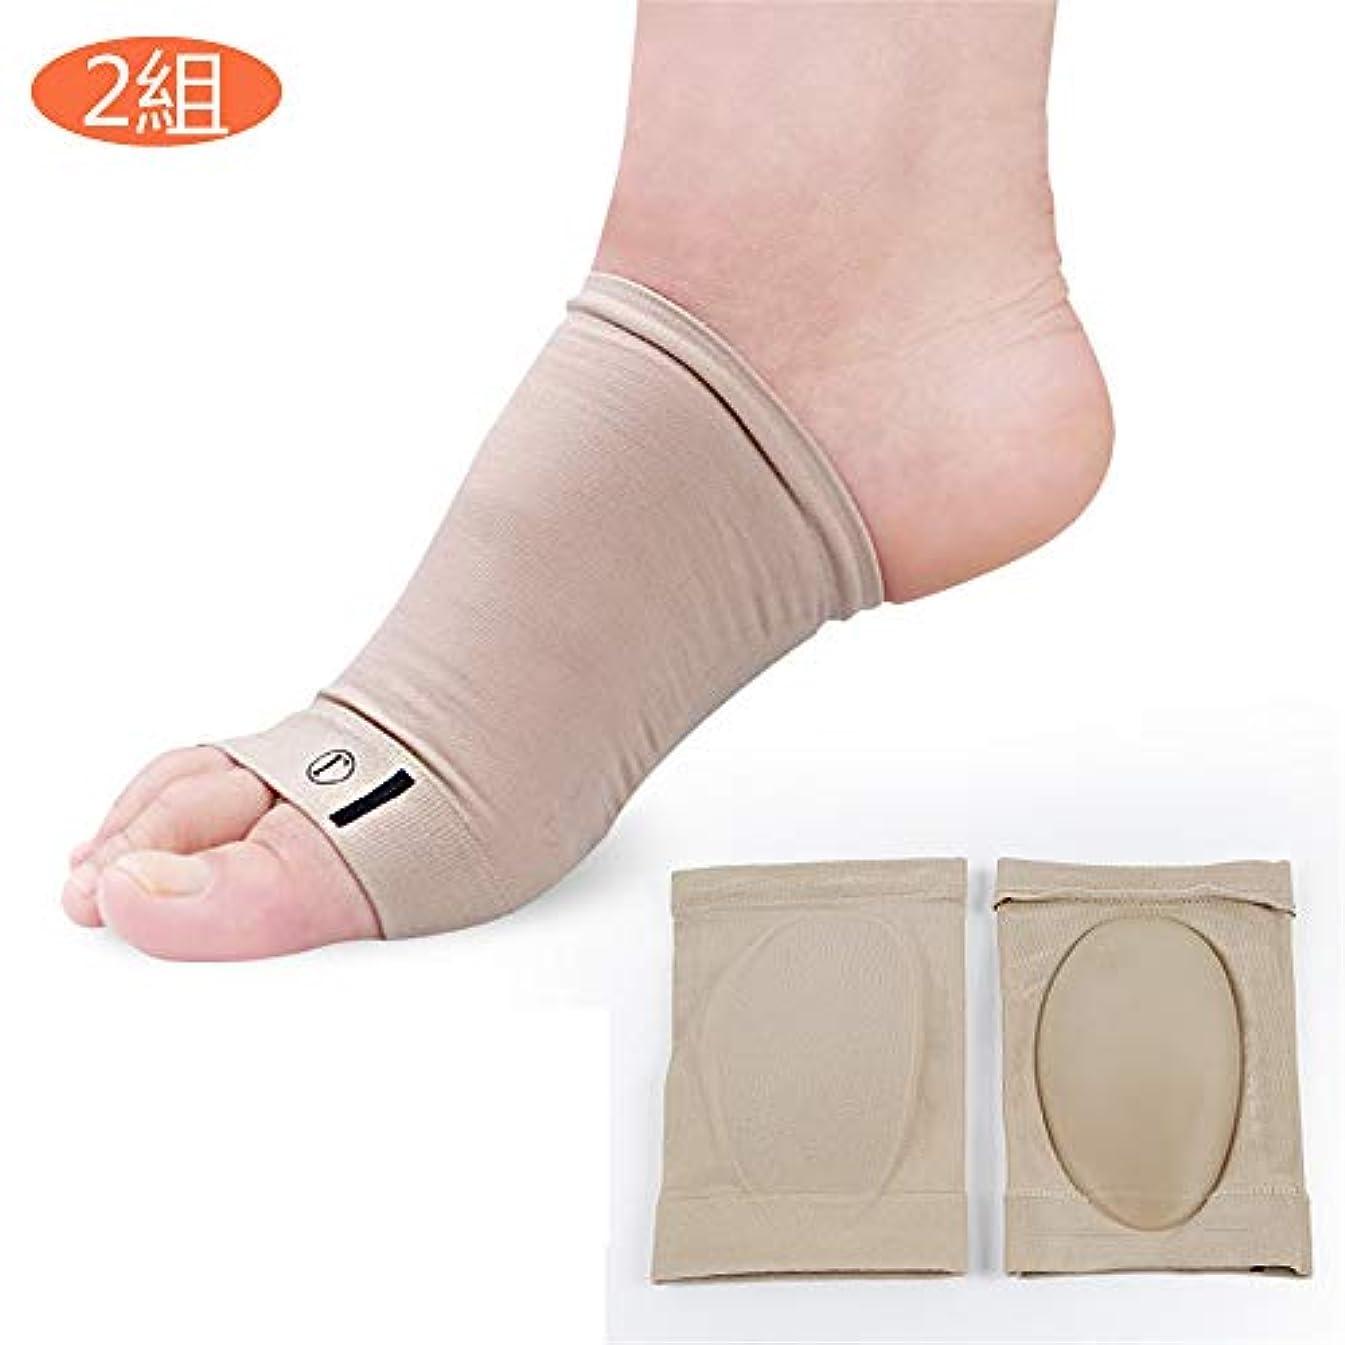 メインできる運河[HonLena] 足底筋膜炎 サポーター 偏平足 足 むくみ 解消 グッズ (2組) 肌色